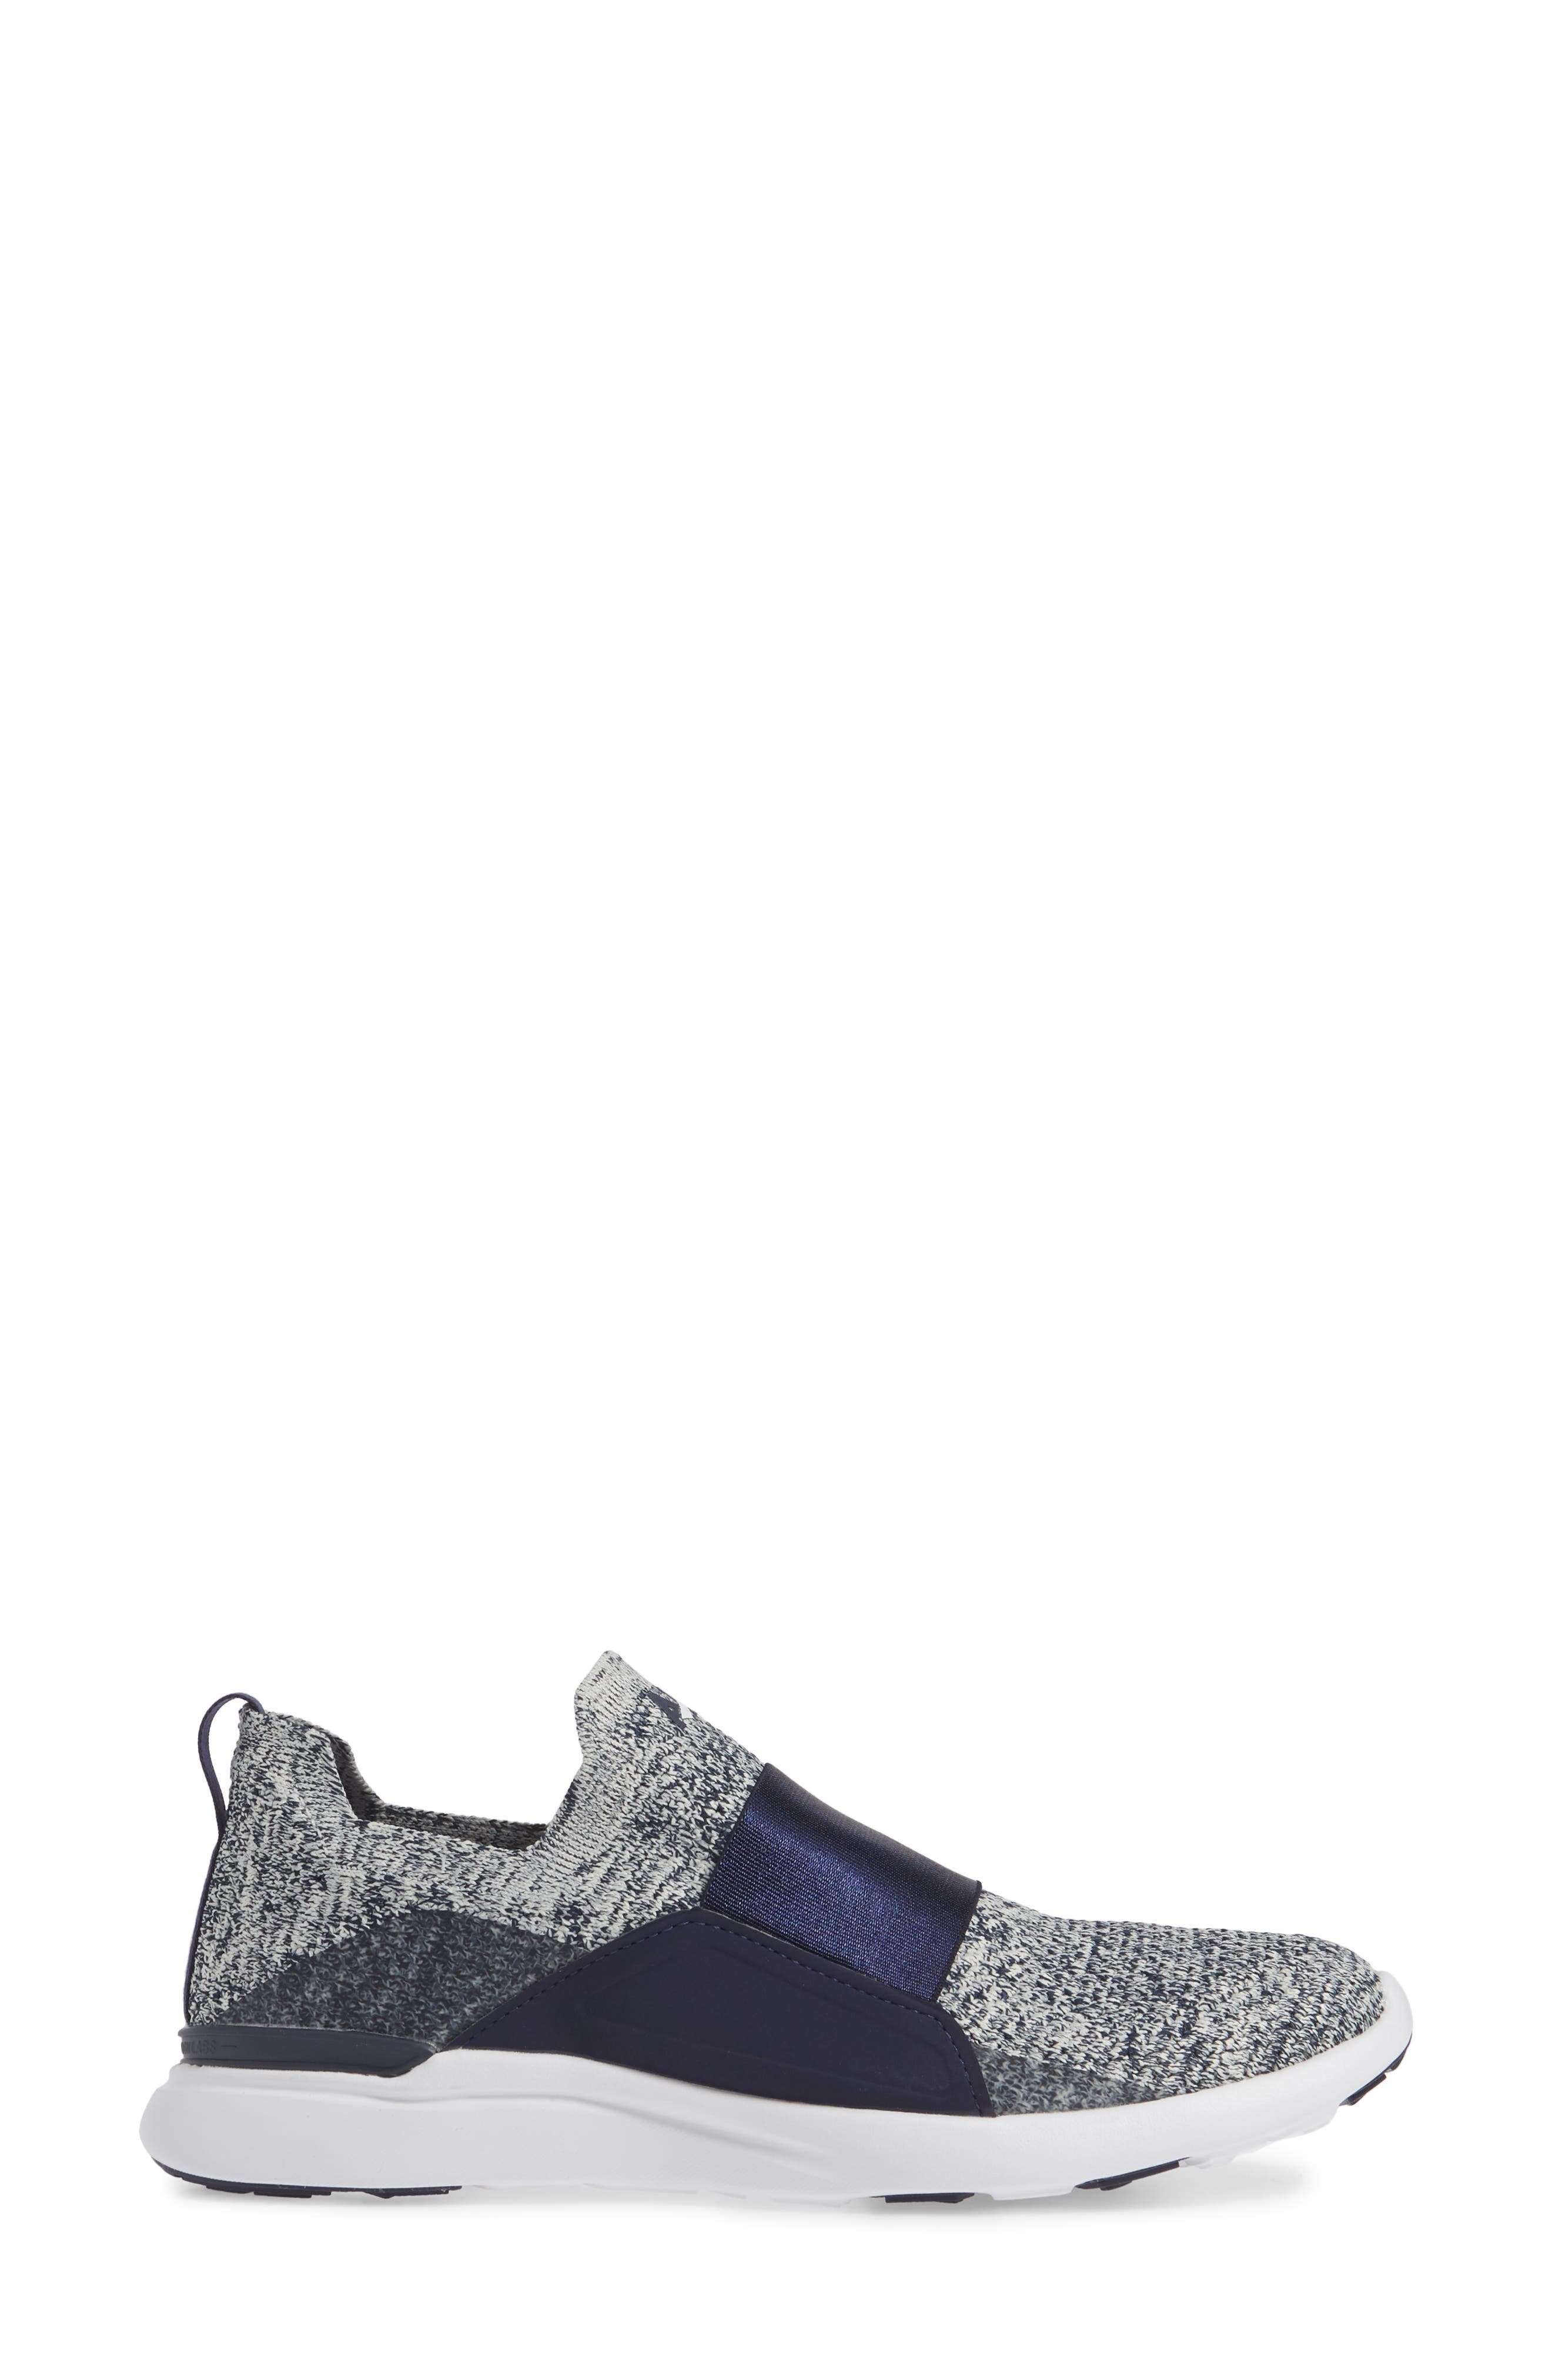 APL,                             Techloom Bliss Knit Running Shoe,                             Alternate thumbnail 3, color,                             NAVY/ PRISTINE/ WHITE